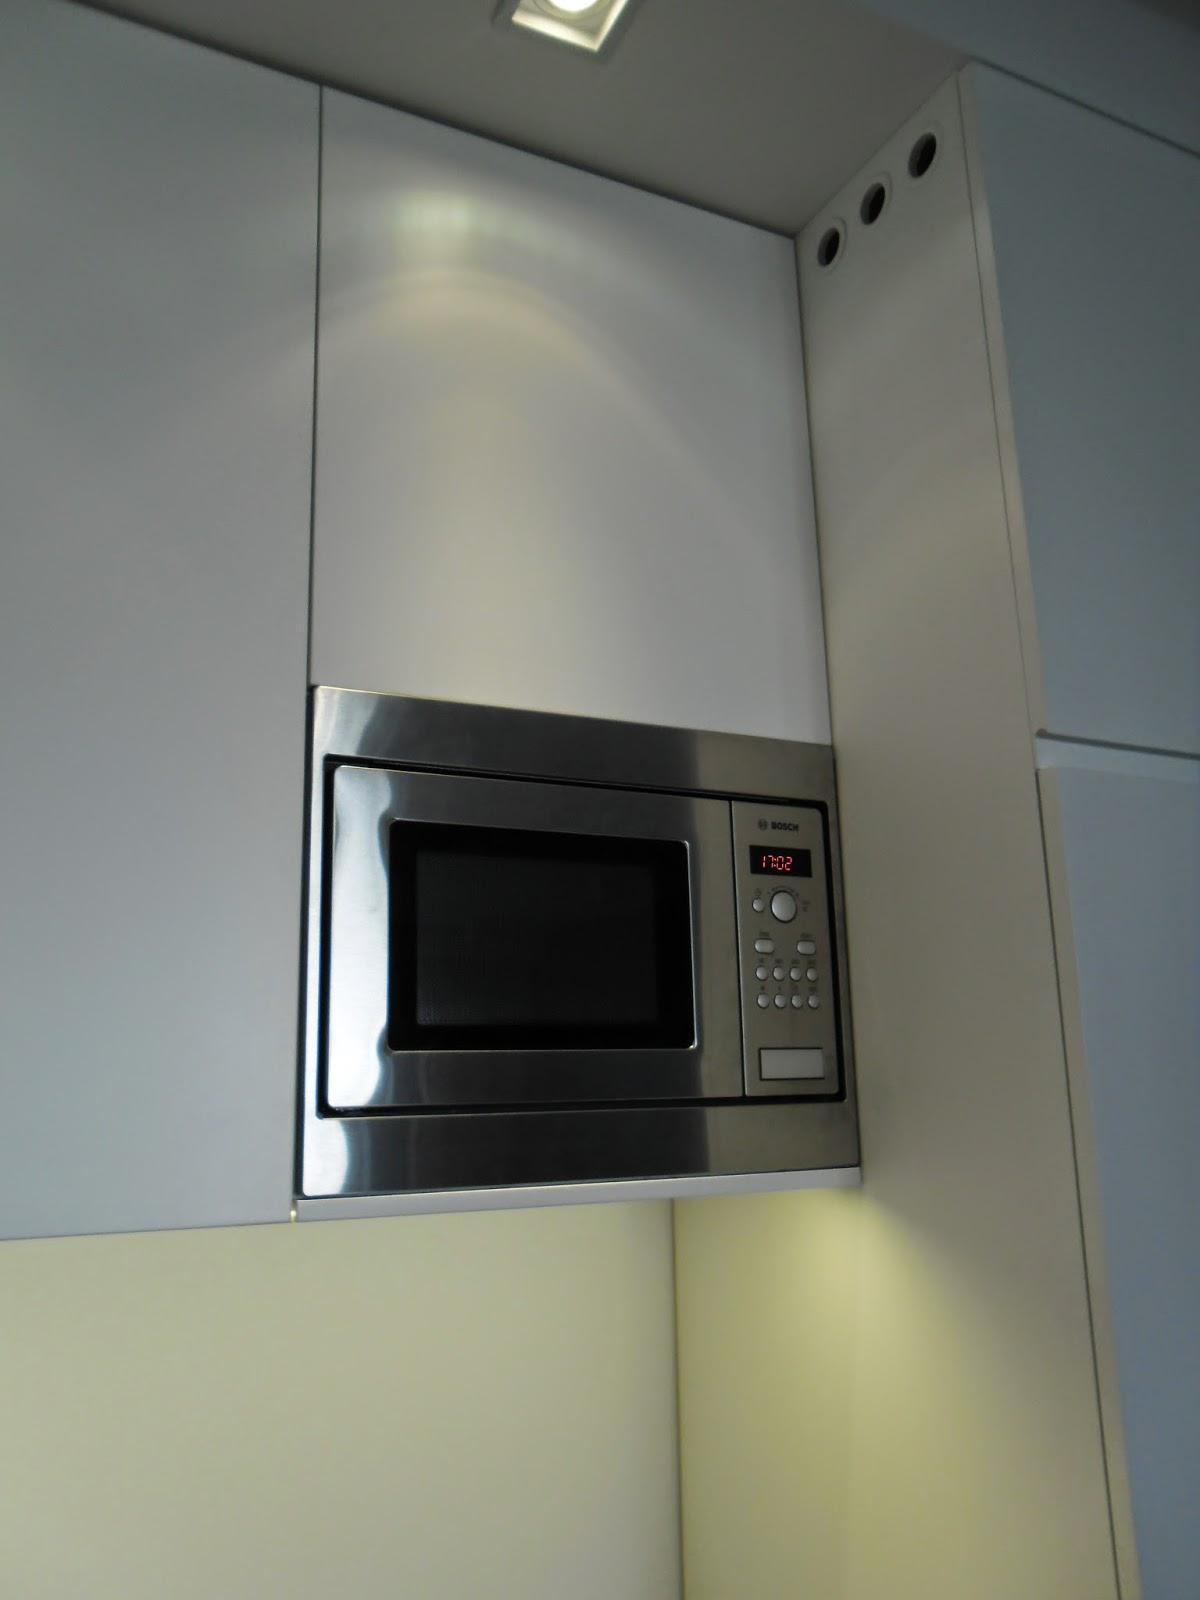 Kuchnia w bloku  biała, funkcjonalna i pojemna  Blog o projektowaniu mebli -> Kuchnia Mikrofalowa Do Zabudowy Siemens